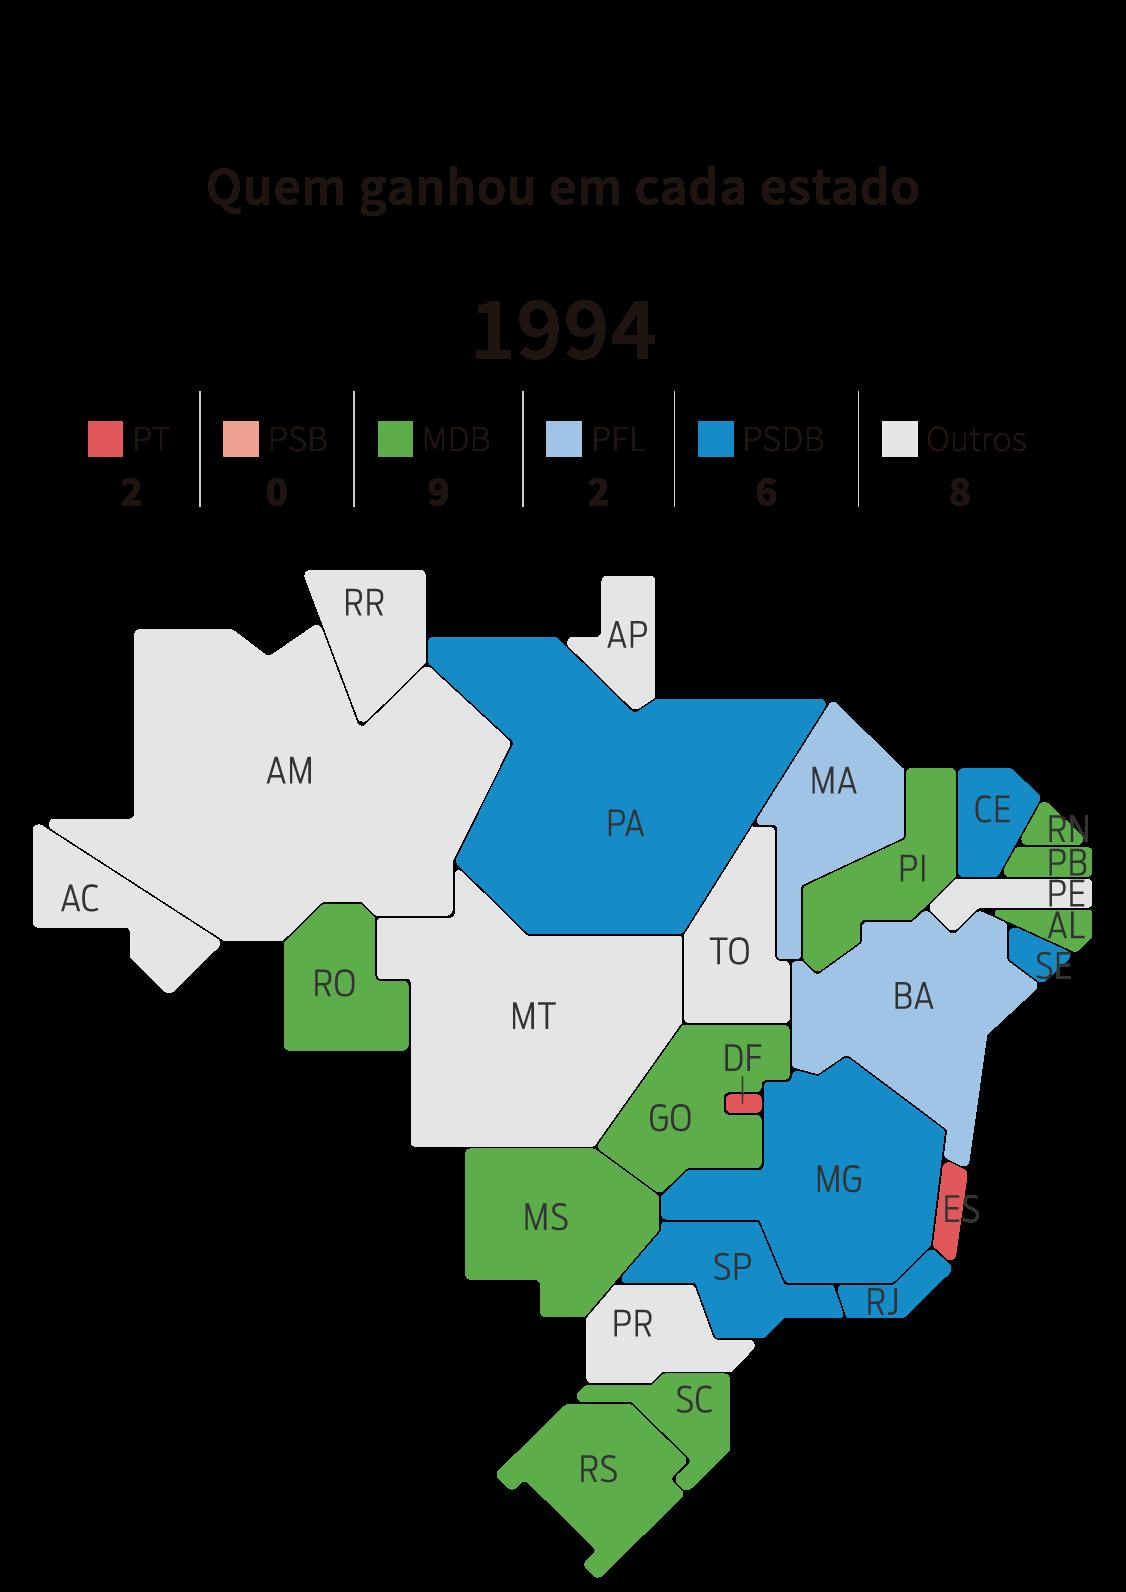 Infográfico: mapa dos governos estaduais por partido em 1994